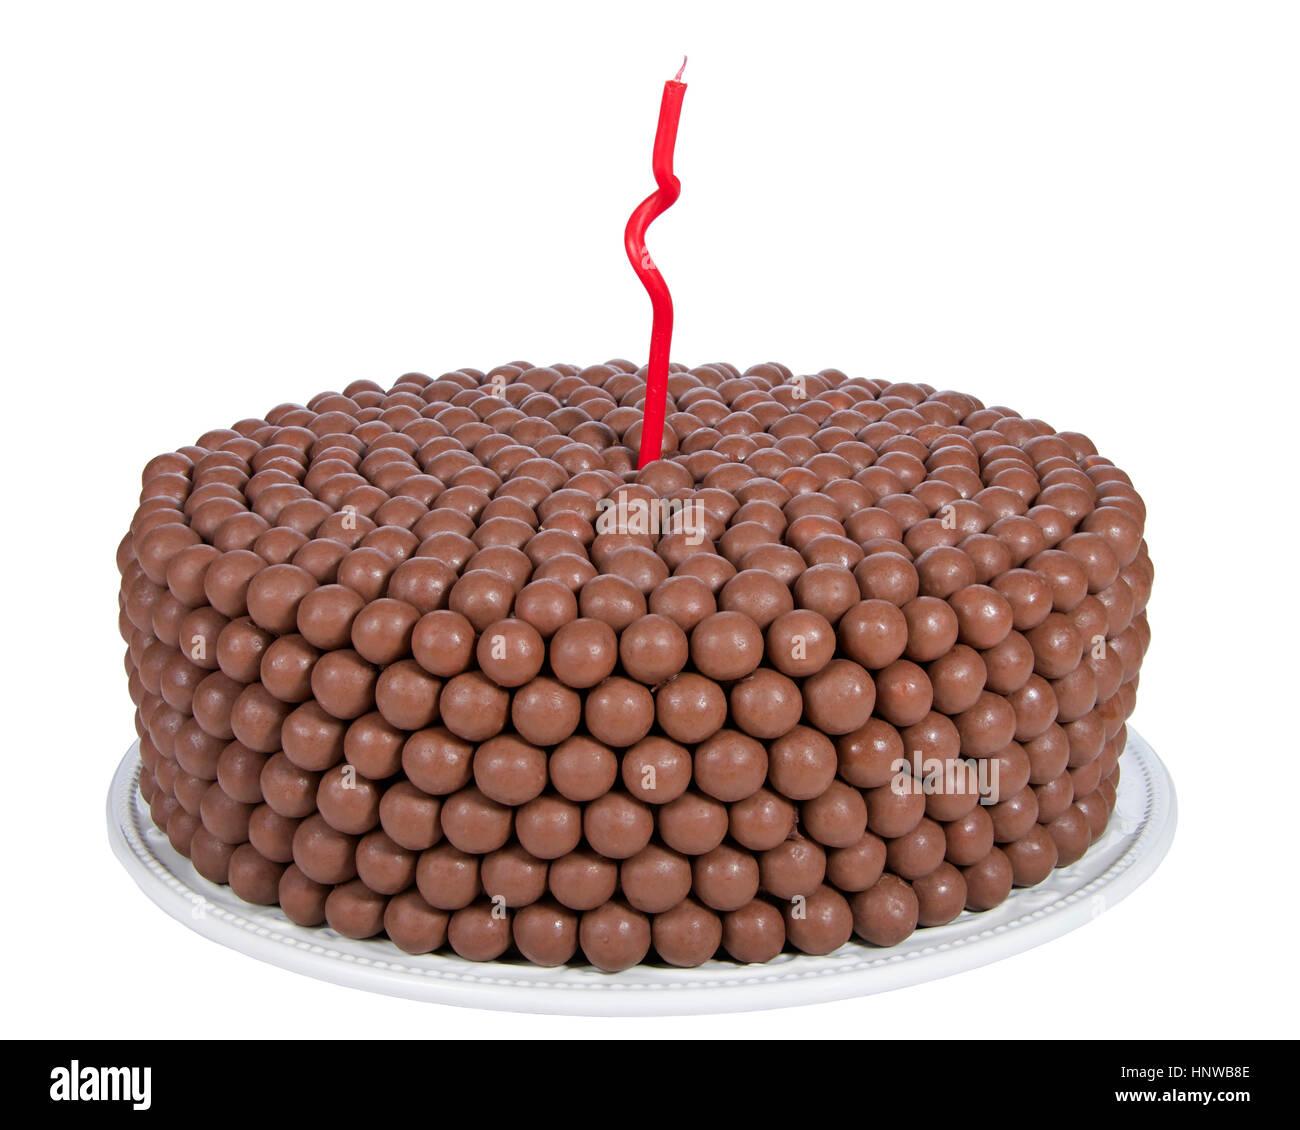 Schokolade Kuchen Mit Sussigkeiten Malz Kugeln Und Einem Roten